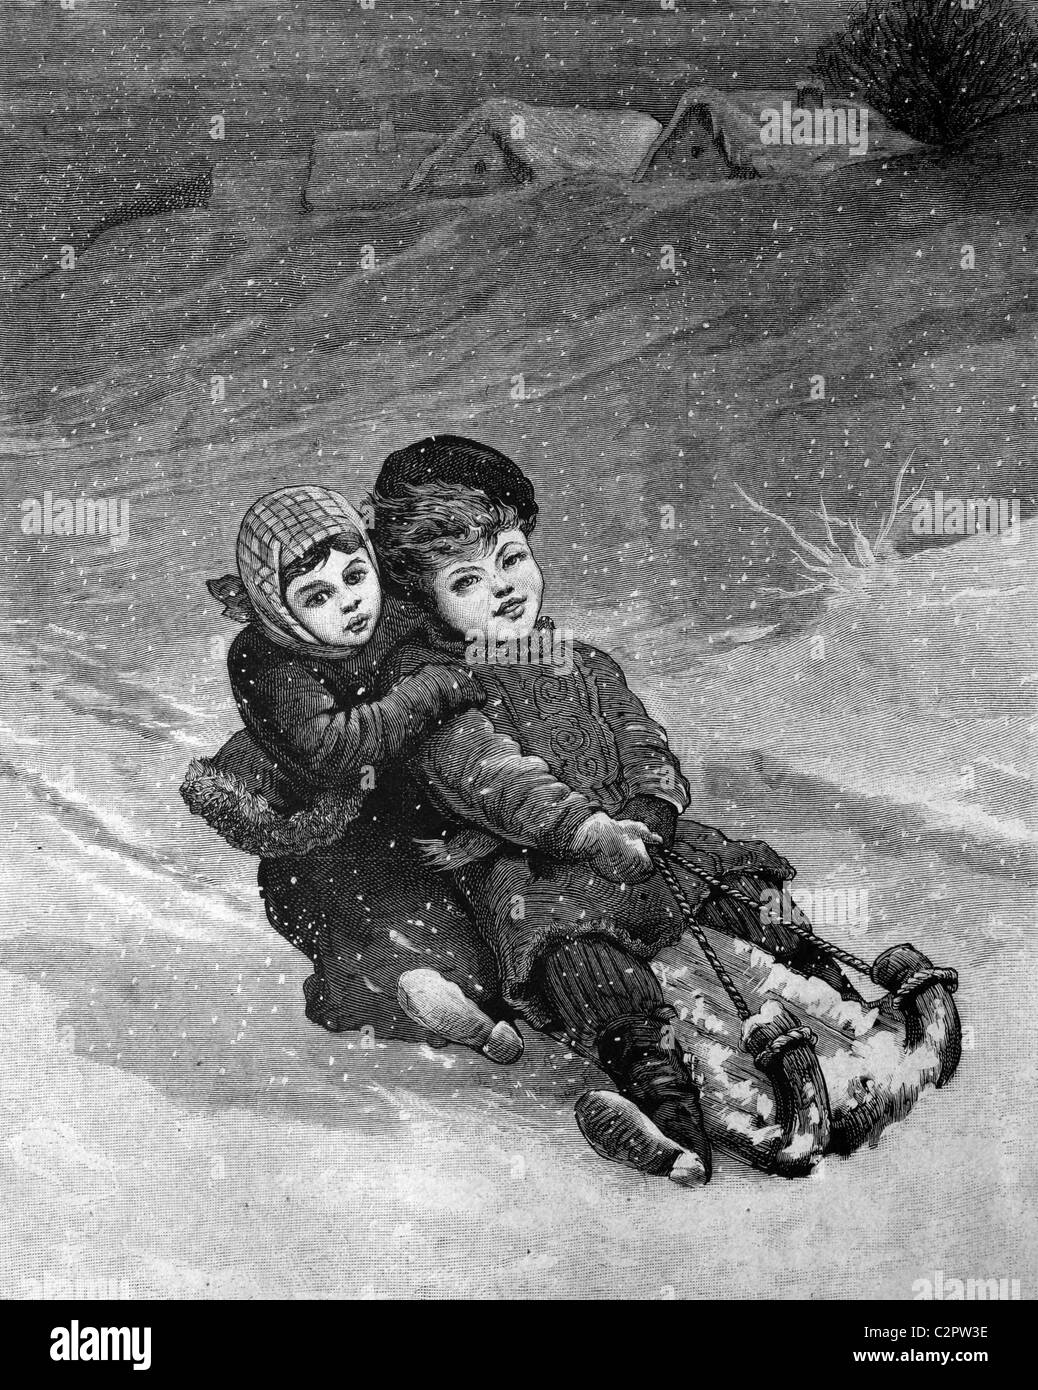 Enfants sur une luge, illustration historique, vers 1886 Photo Stock